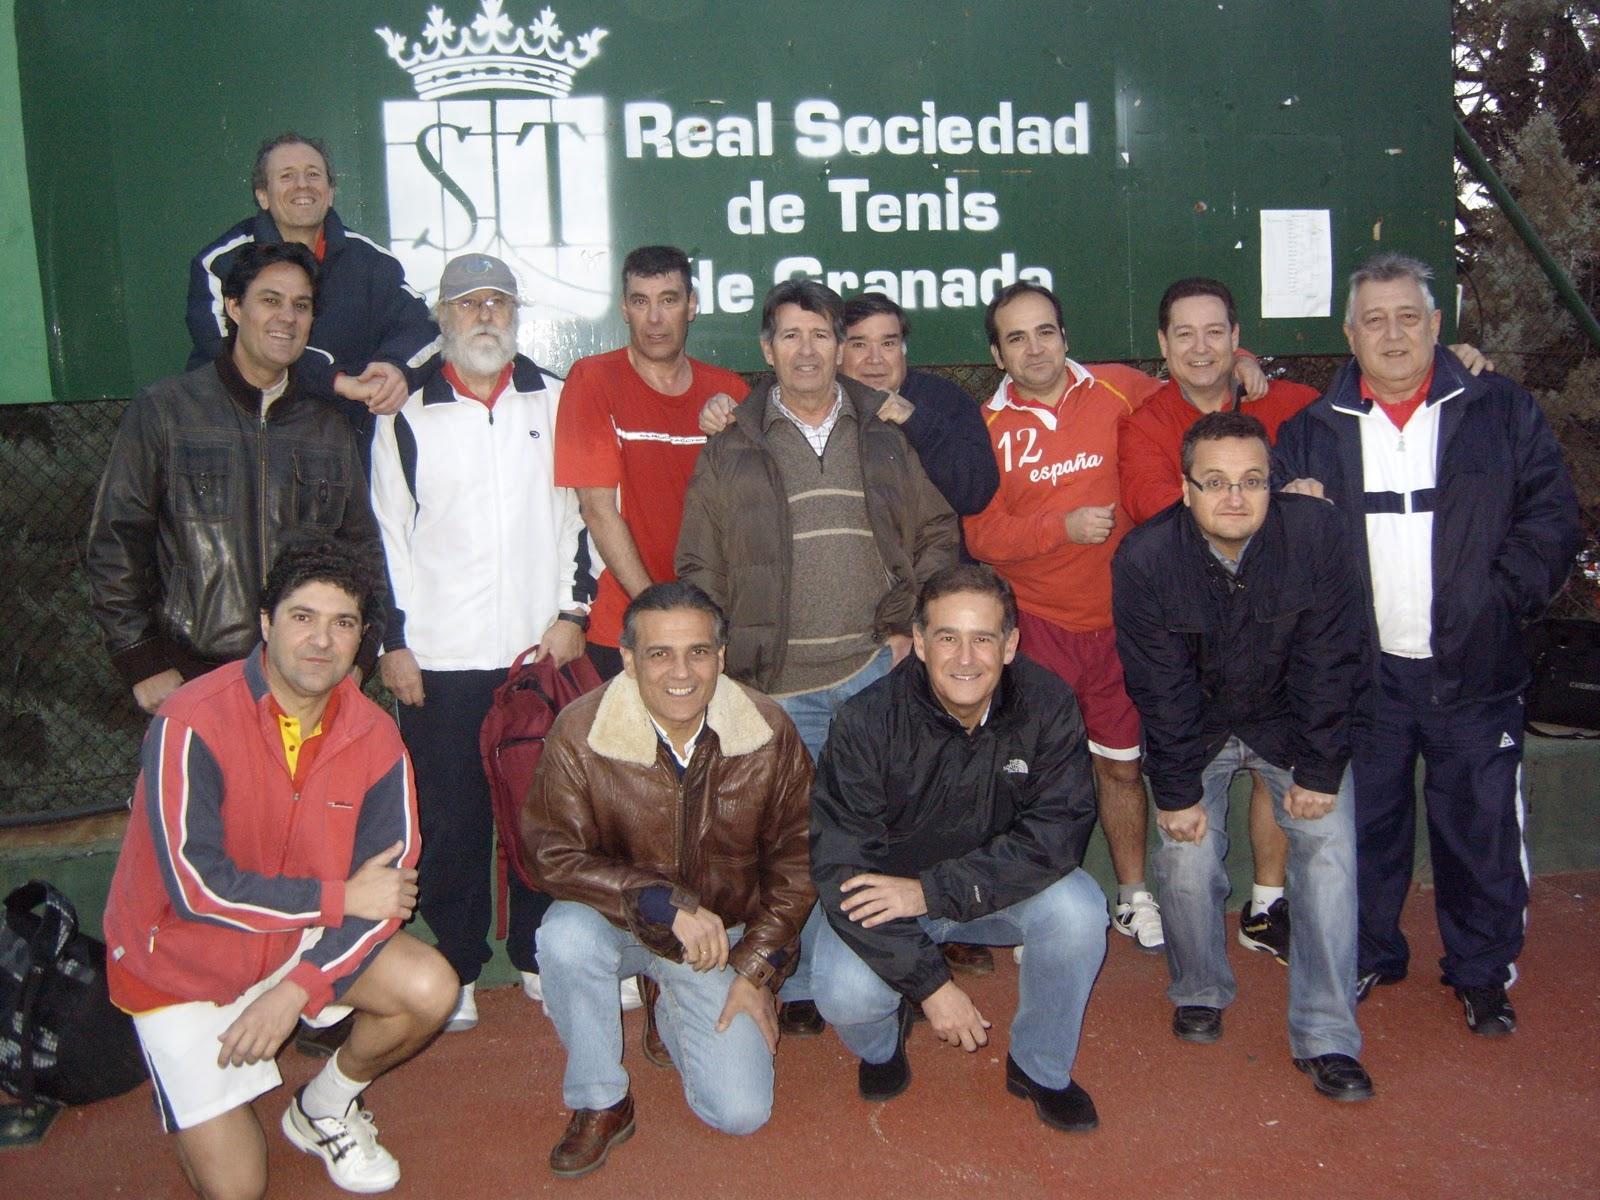 Raquetapala lunes 7 de marzo de 2011 for Real sociedad hipica de granada piscina